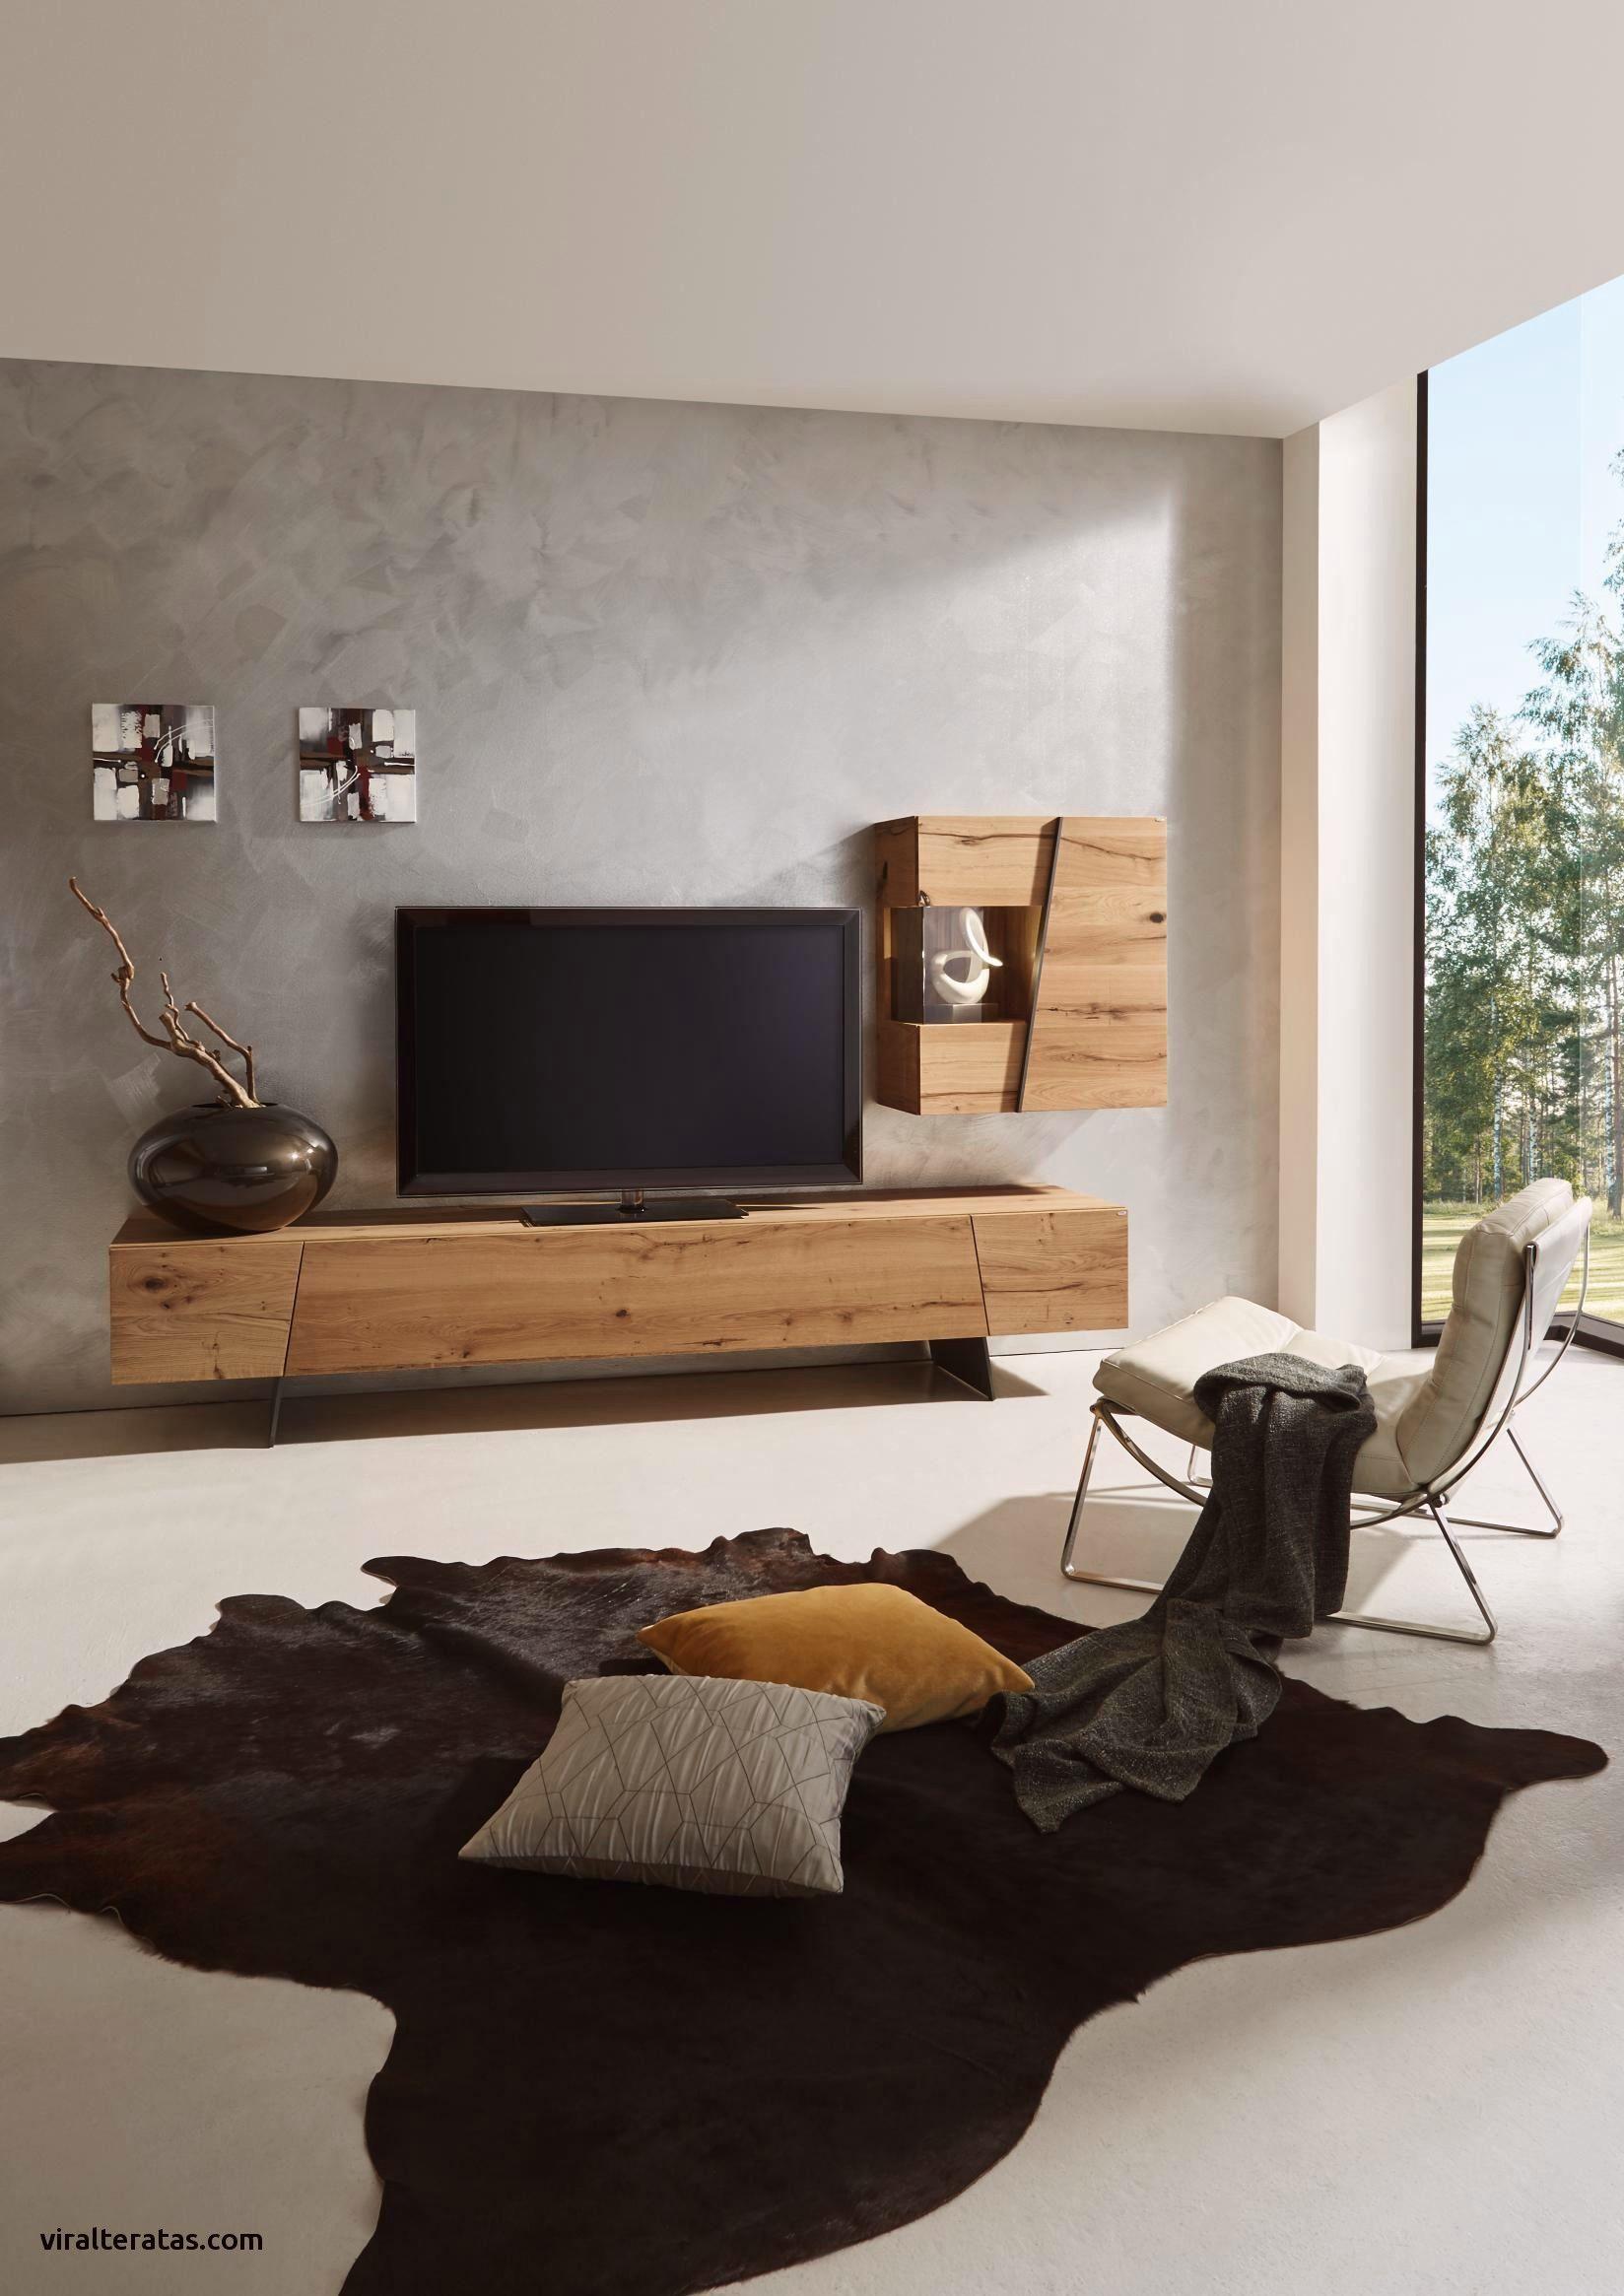 Schön Ideen-schlafzimmer-gestaltung-grau-weiss-wandgestaltung - Top Modische Kleider kleiderme.club #wohnzimmerideenwandgestaltung